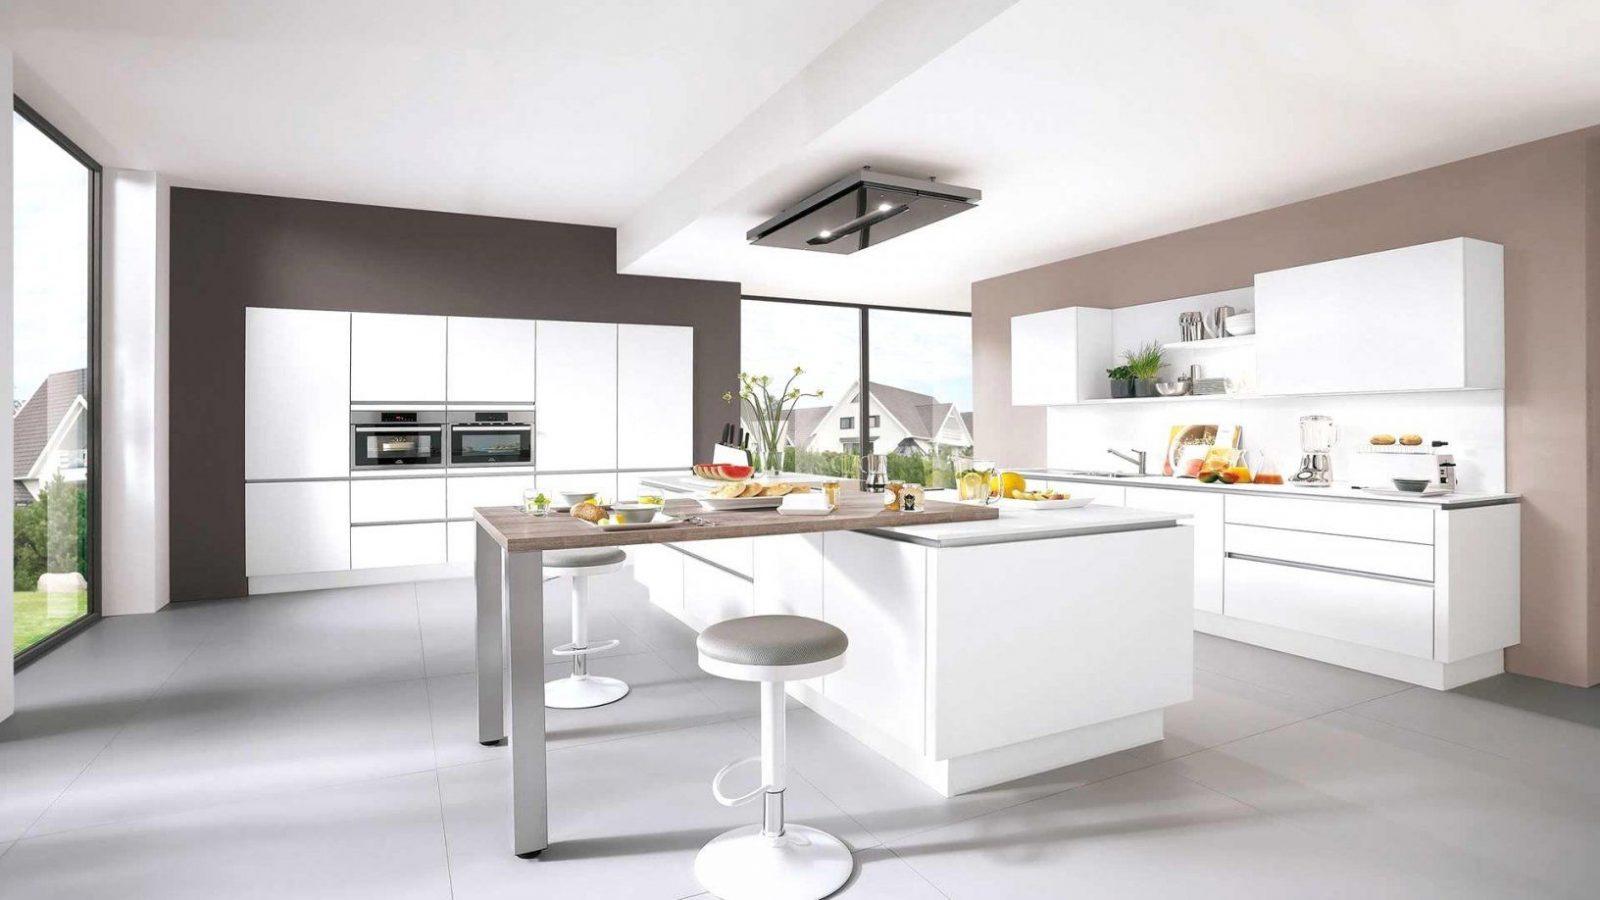 Nolte Küchen Mit Kochinsel Und Theke Luxury Awesome Nolte Küchen von Nolte Küchen Mit Kochinsel Und Theke Photo